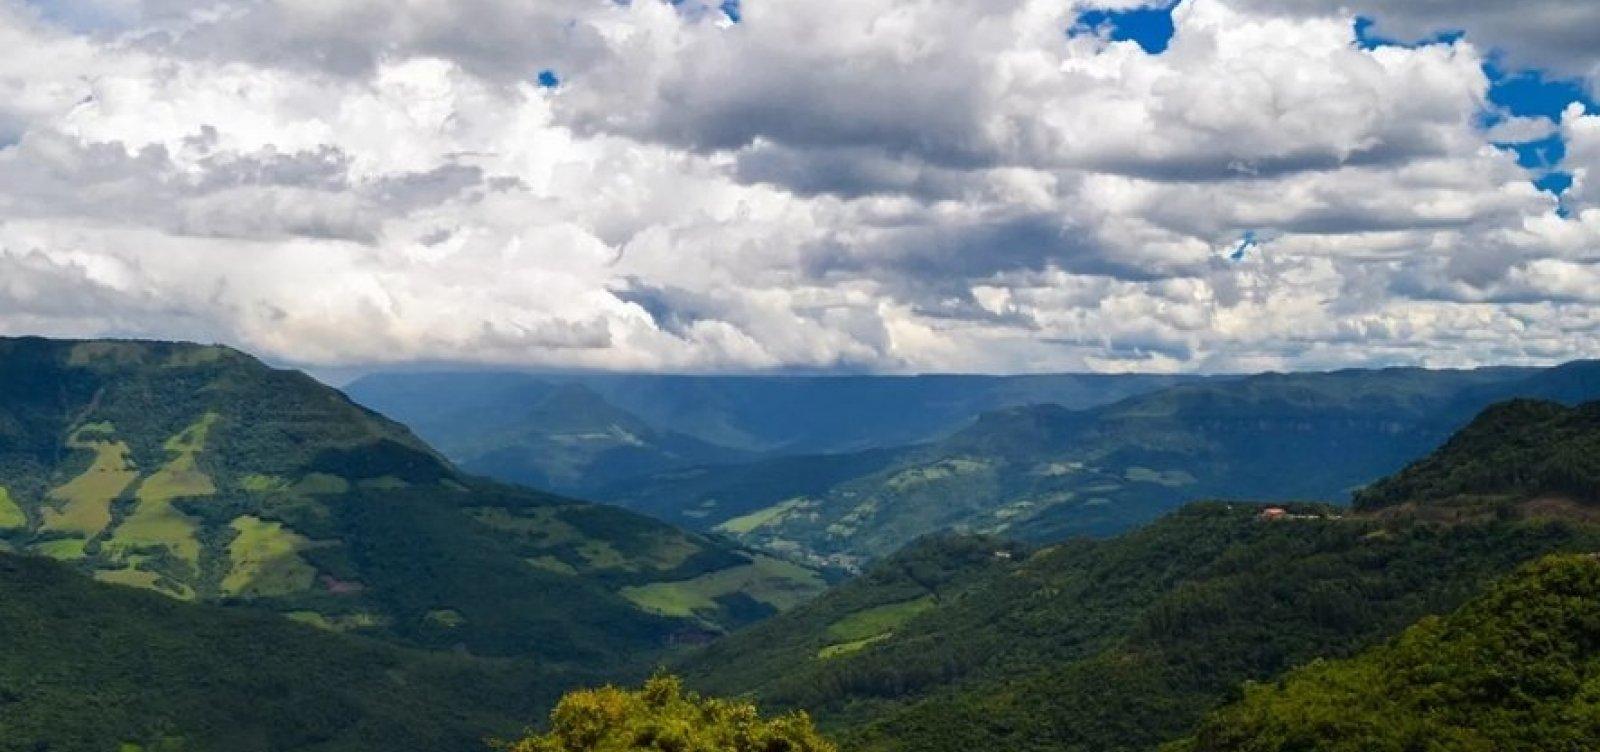 Devastação da Mata Atlântica cresce na Bahia e em quatro estados do país, aponta levantamento